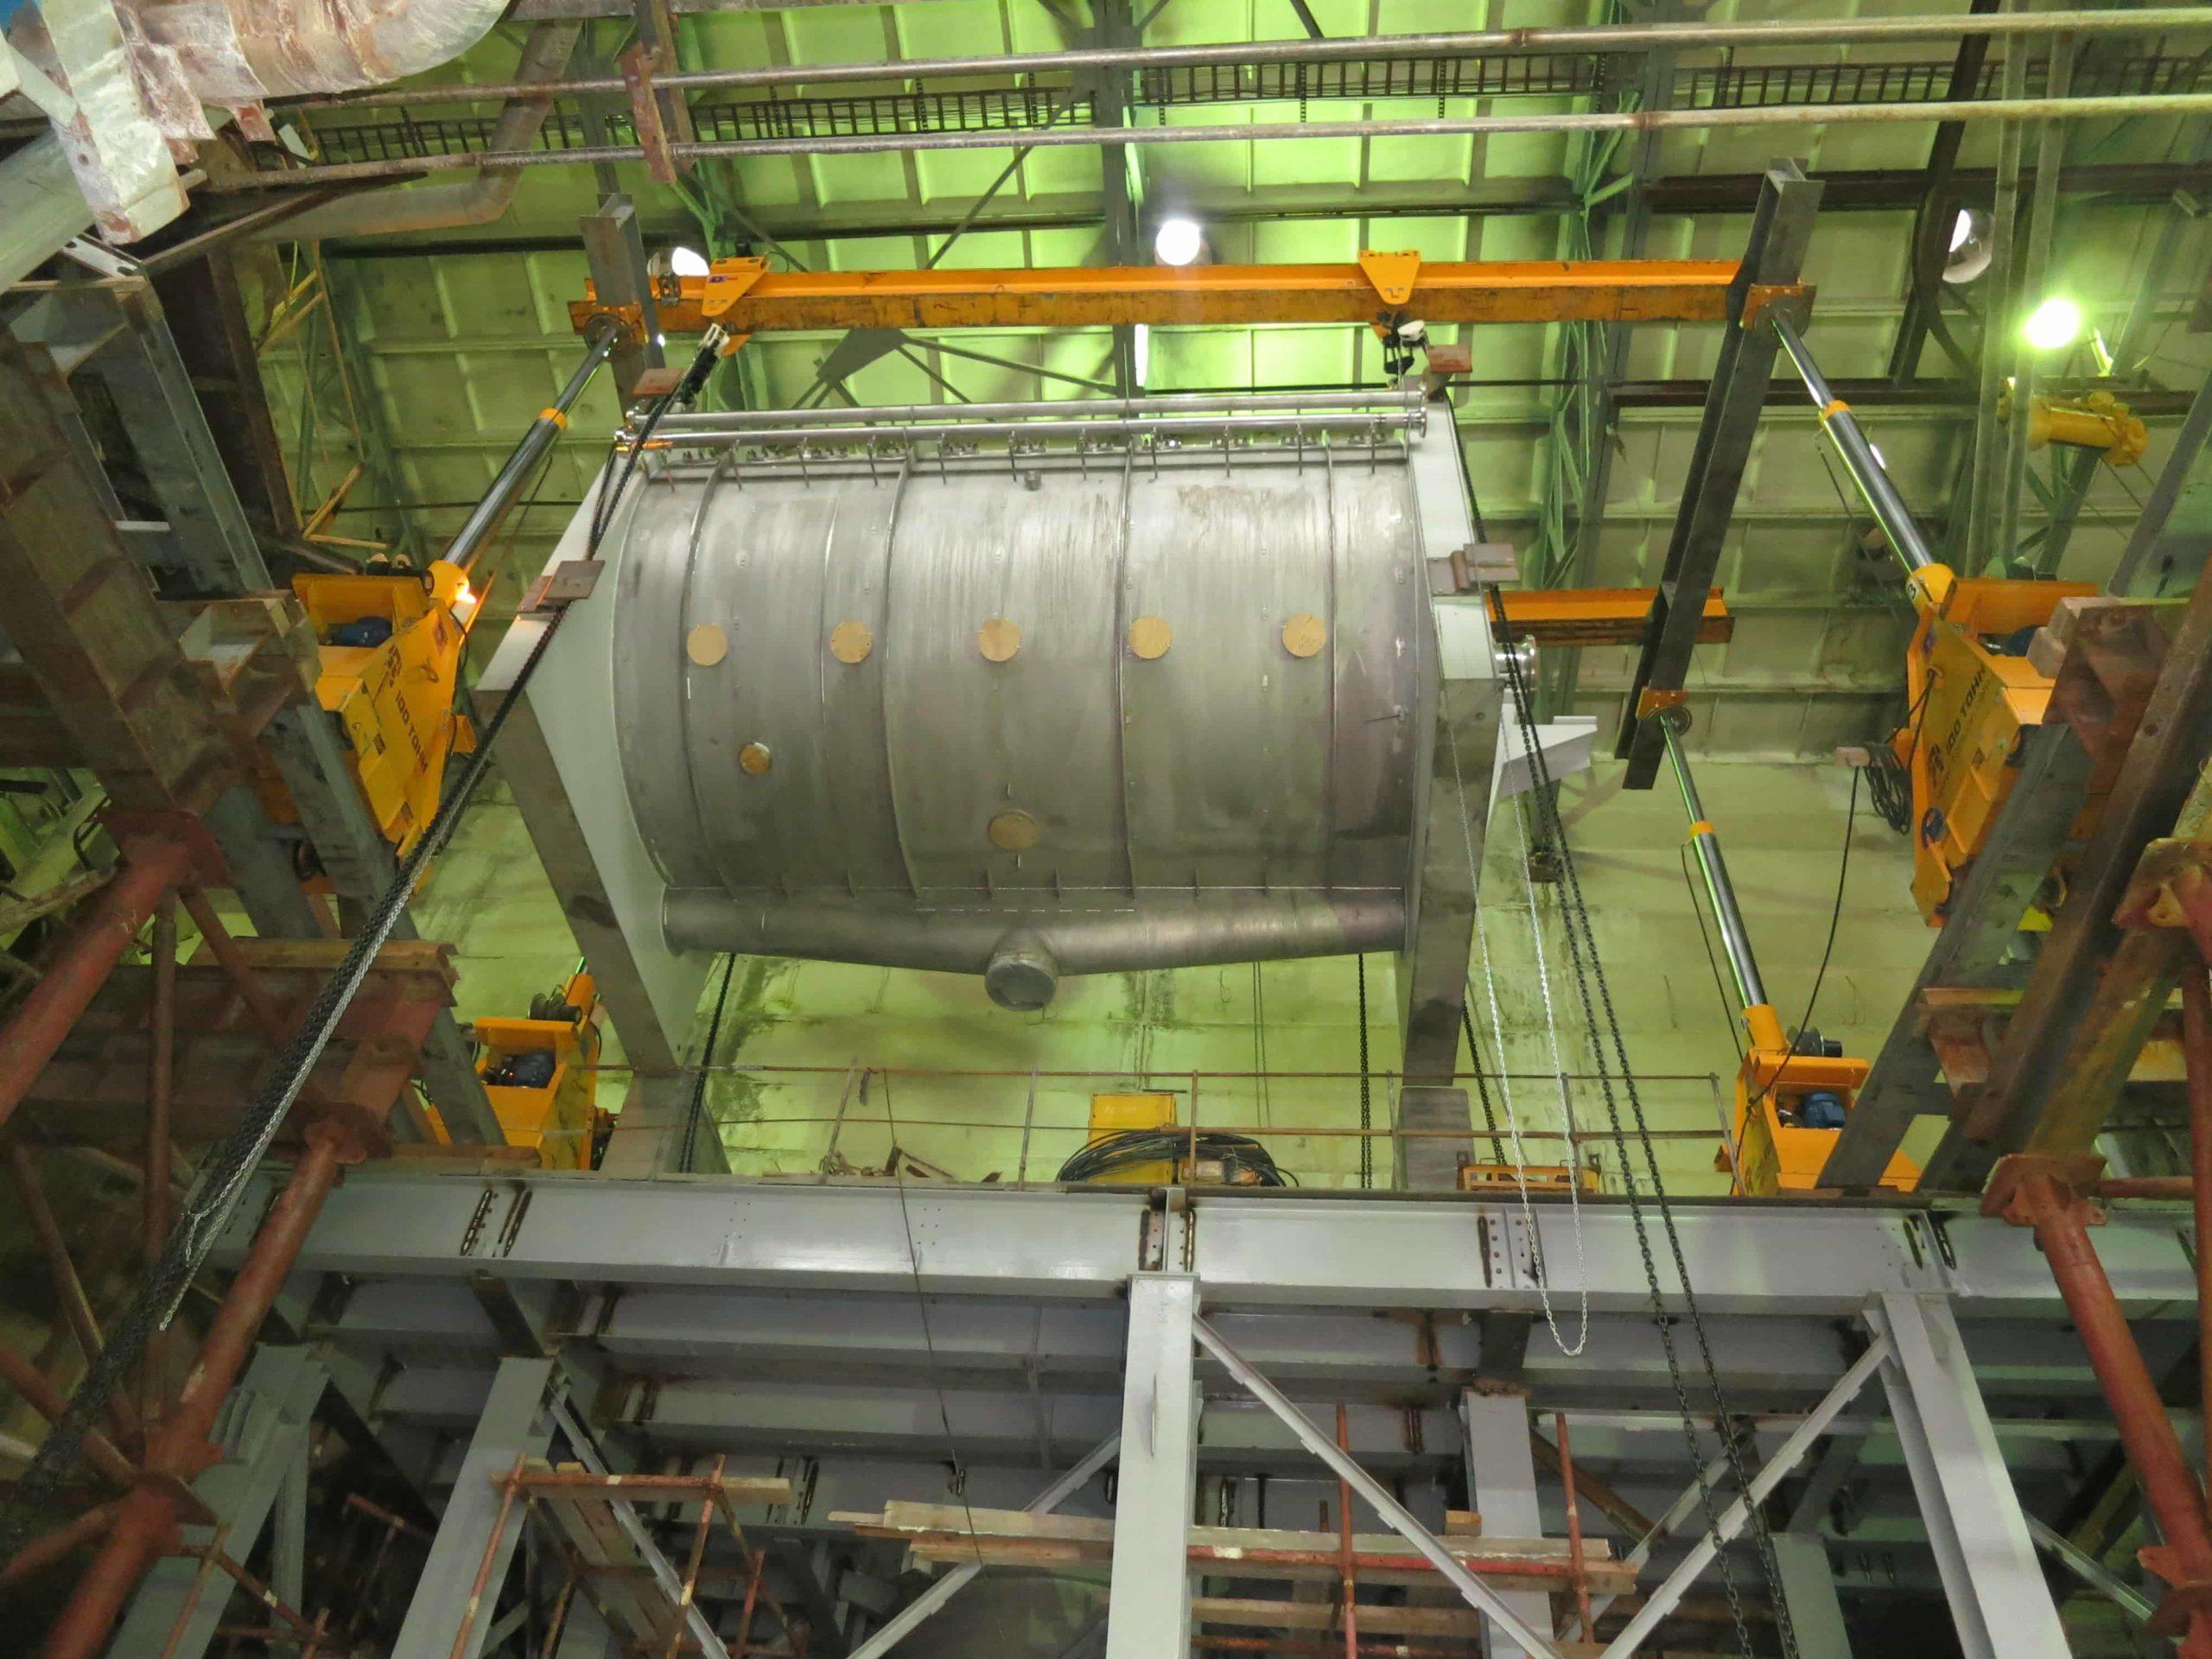 Подъем оборудования в цехе с помощью портала на отметку 10,4 метра